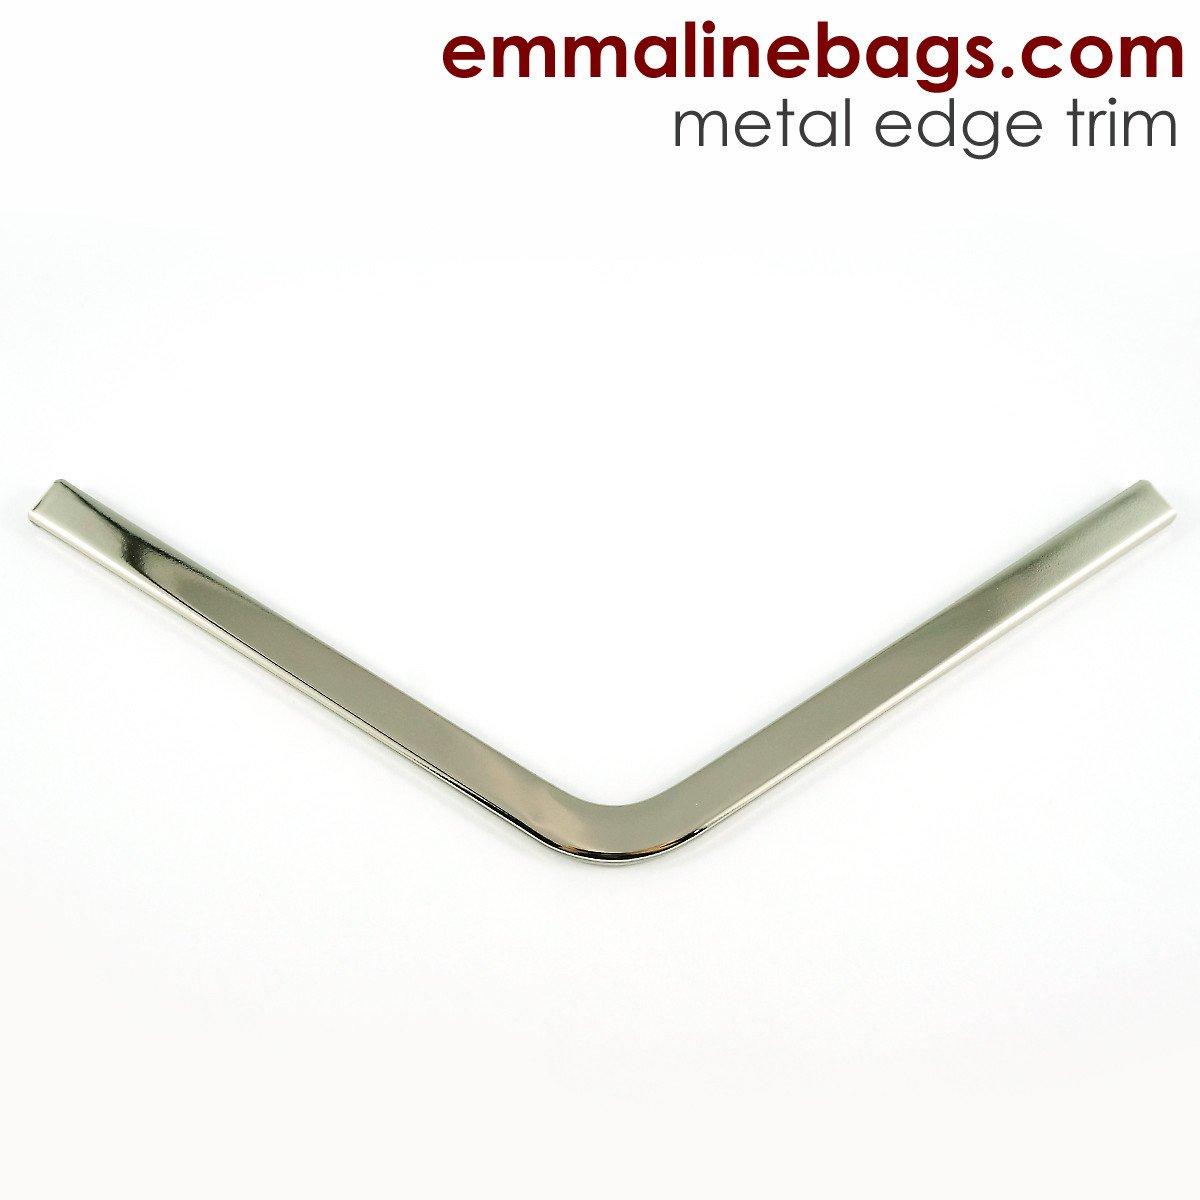 Emmaline - Metal Edge Trim A For Purses- Nickel